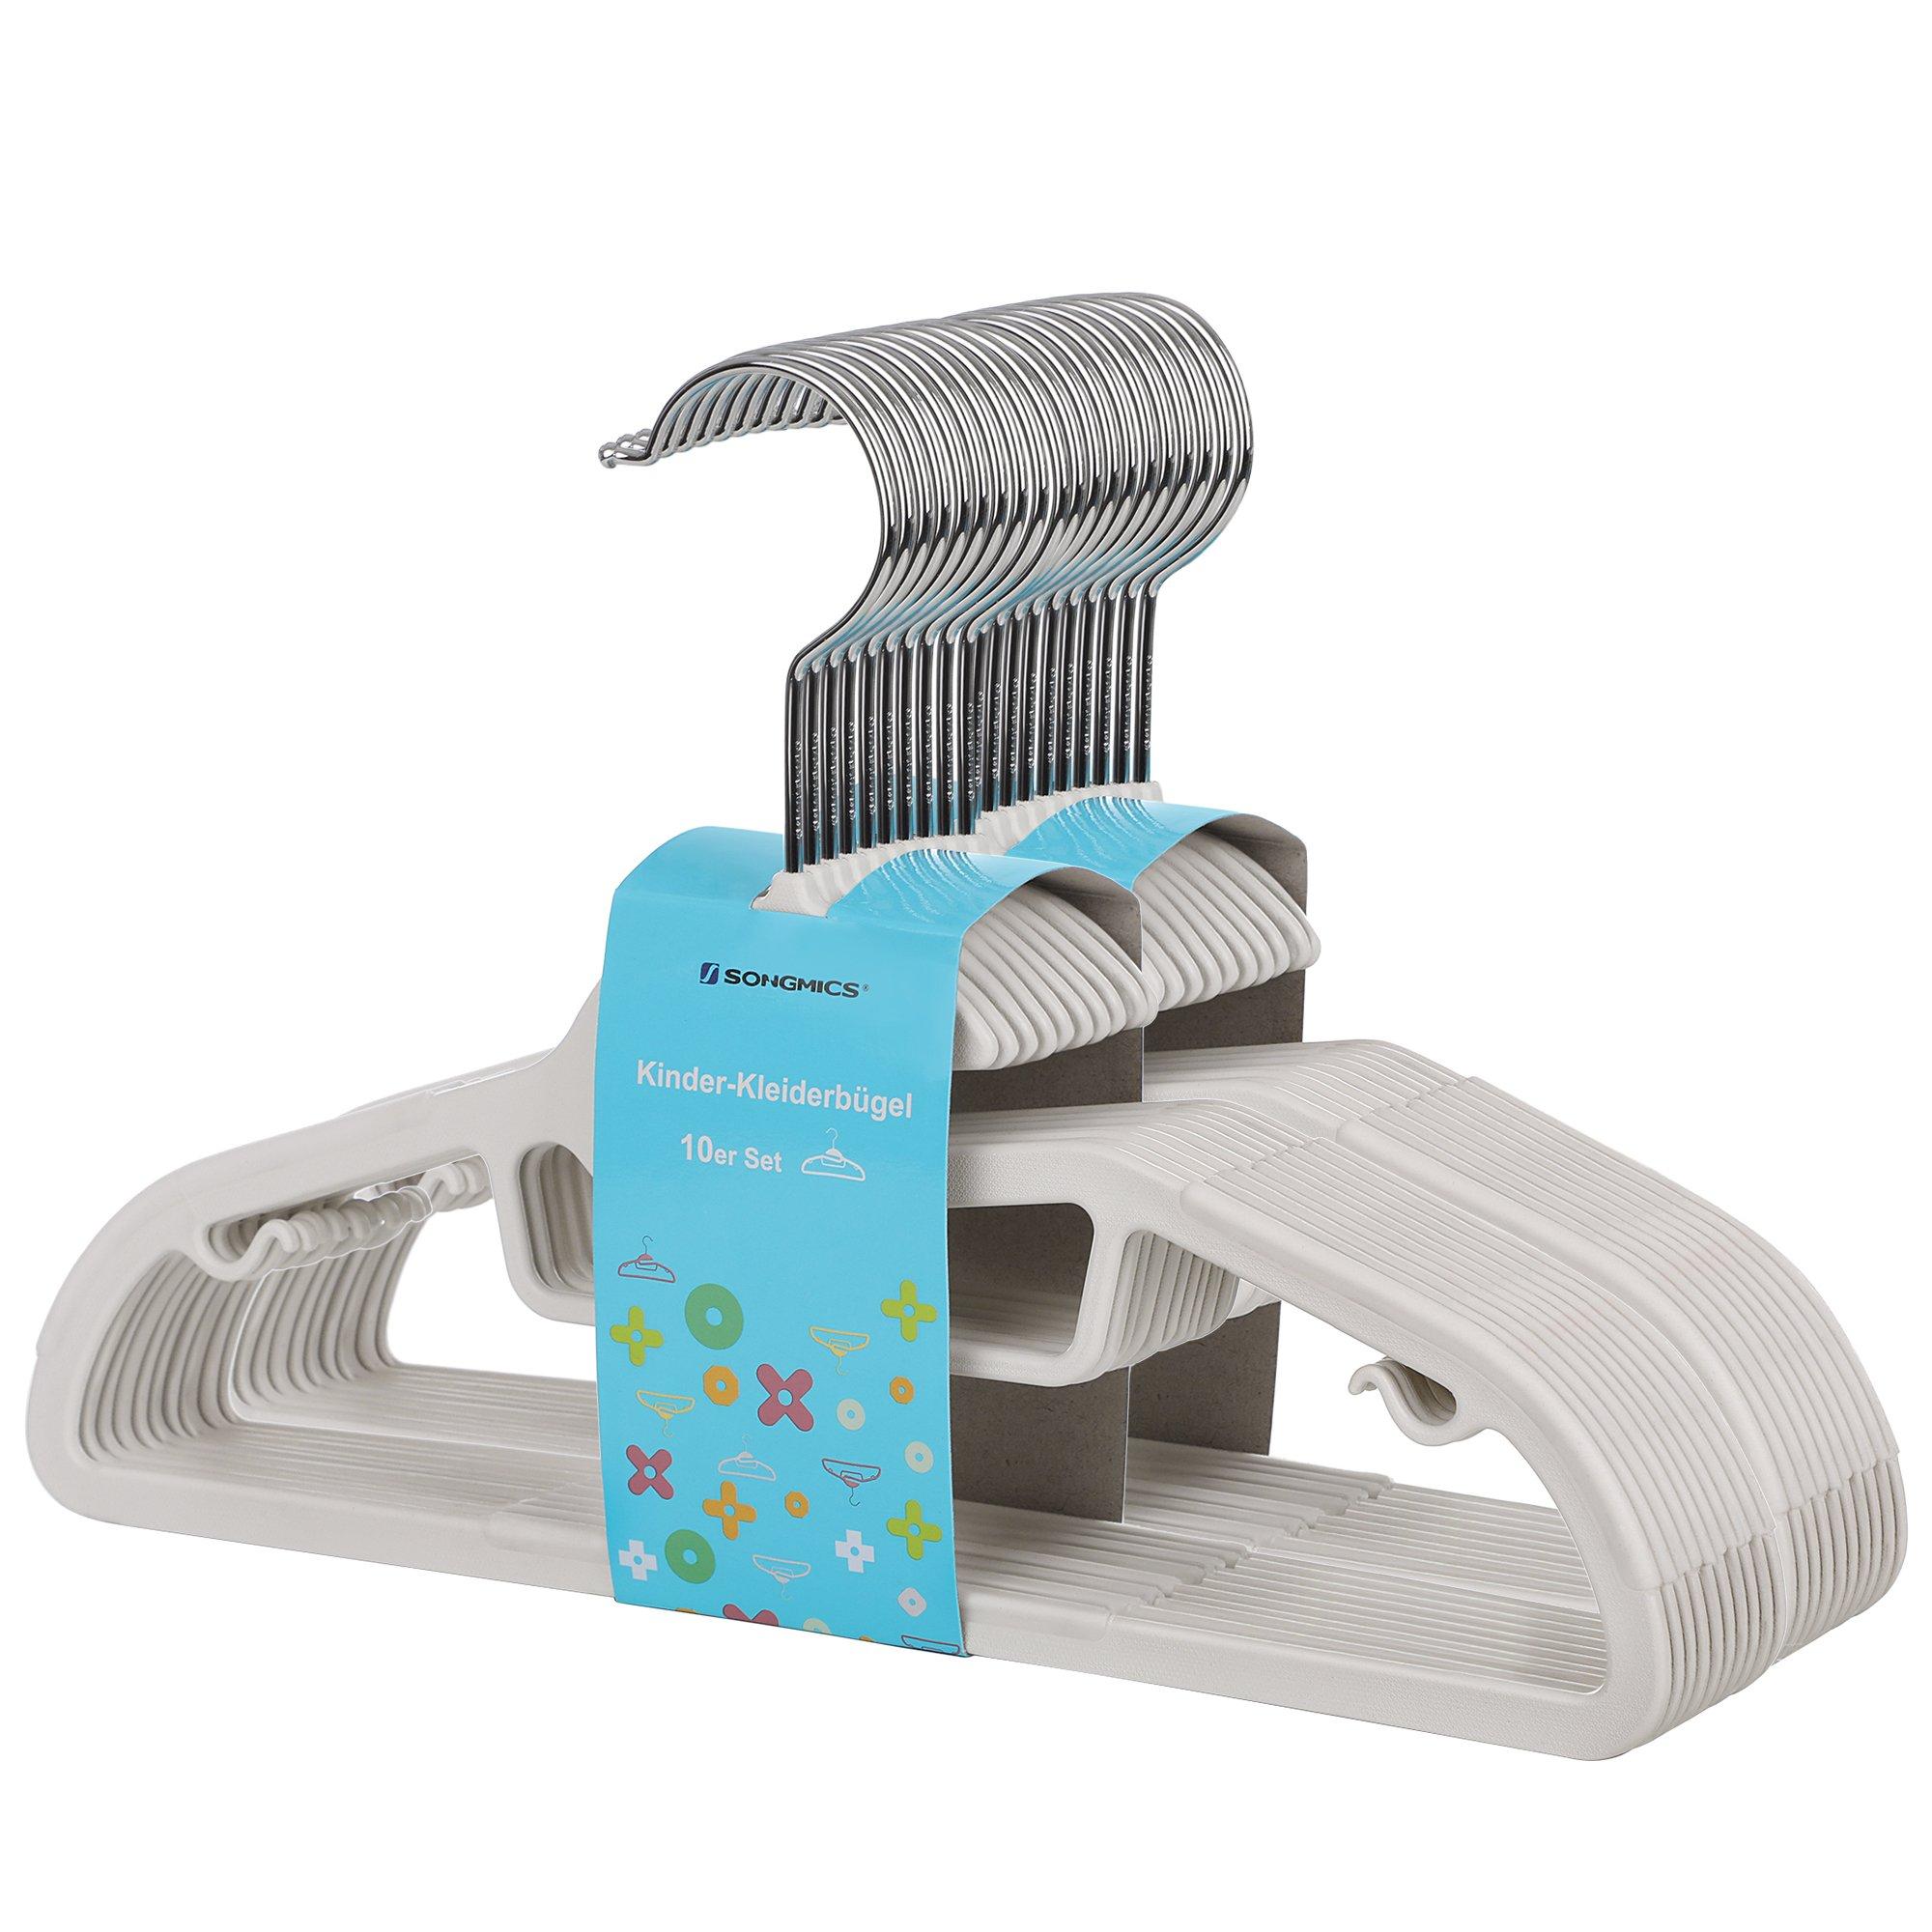 SONGMICS Perchas Infantiles Plástico Set de 20 Abertura en Forma de S Tiras Antideslizantes 30 cm